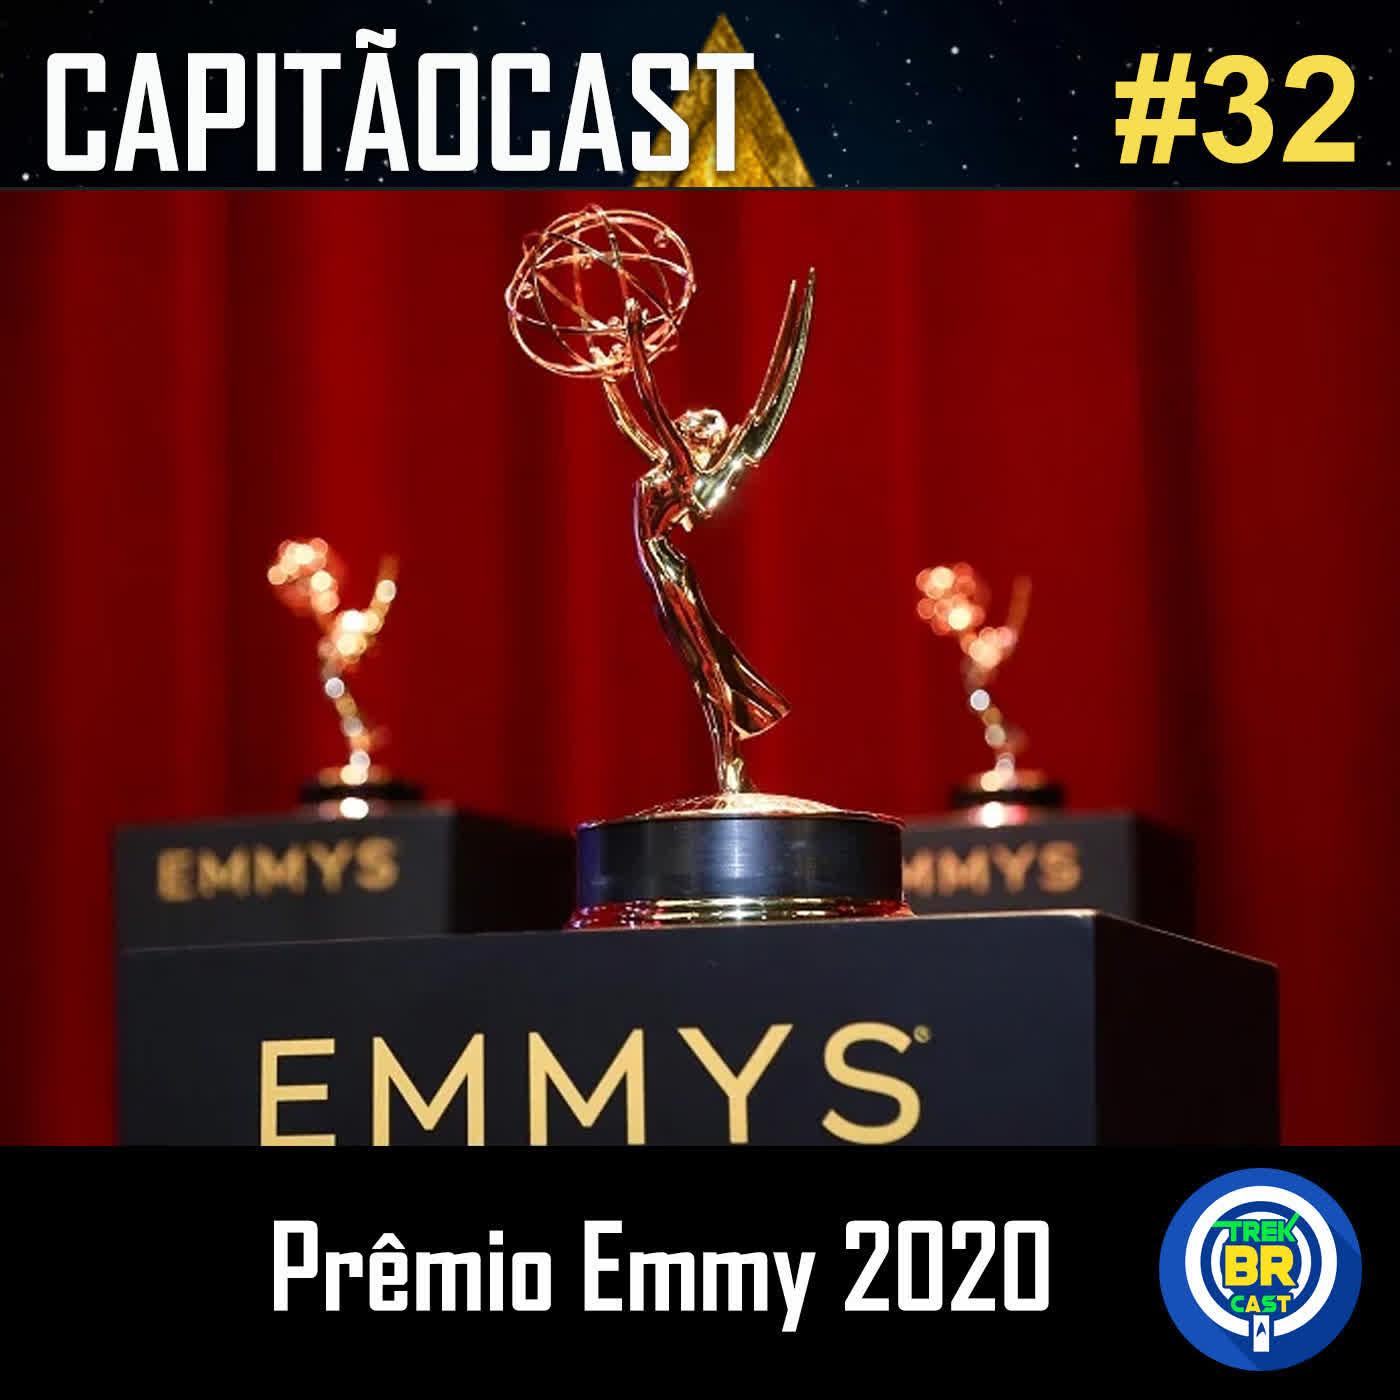 Vencedores do Emmy Awards 2020. - CapitãoCast #32